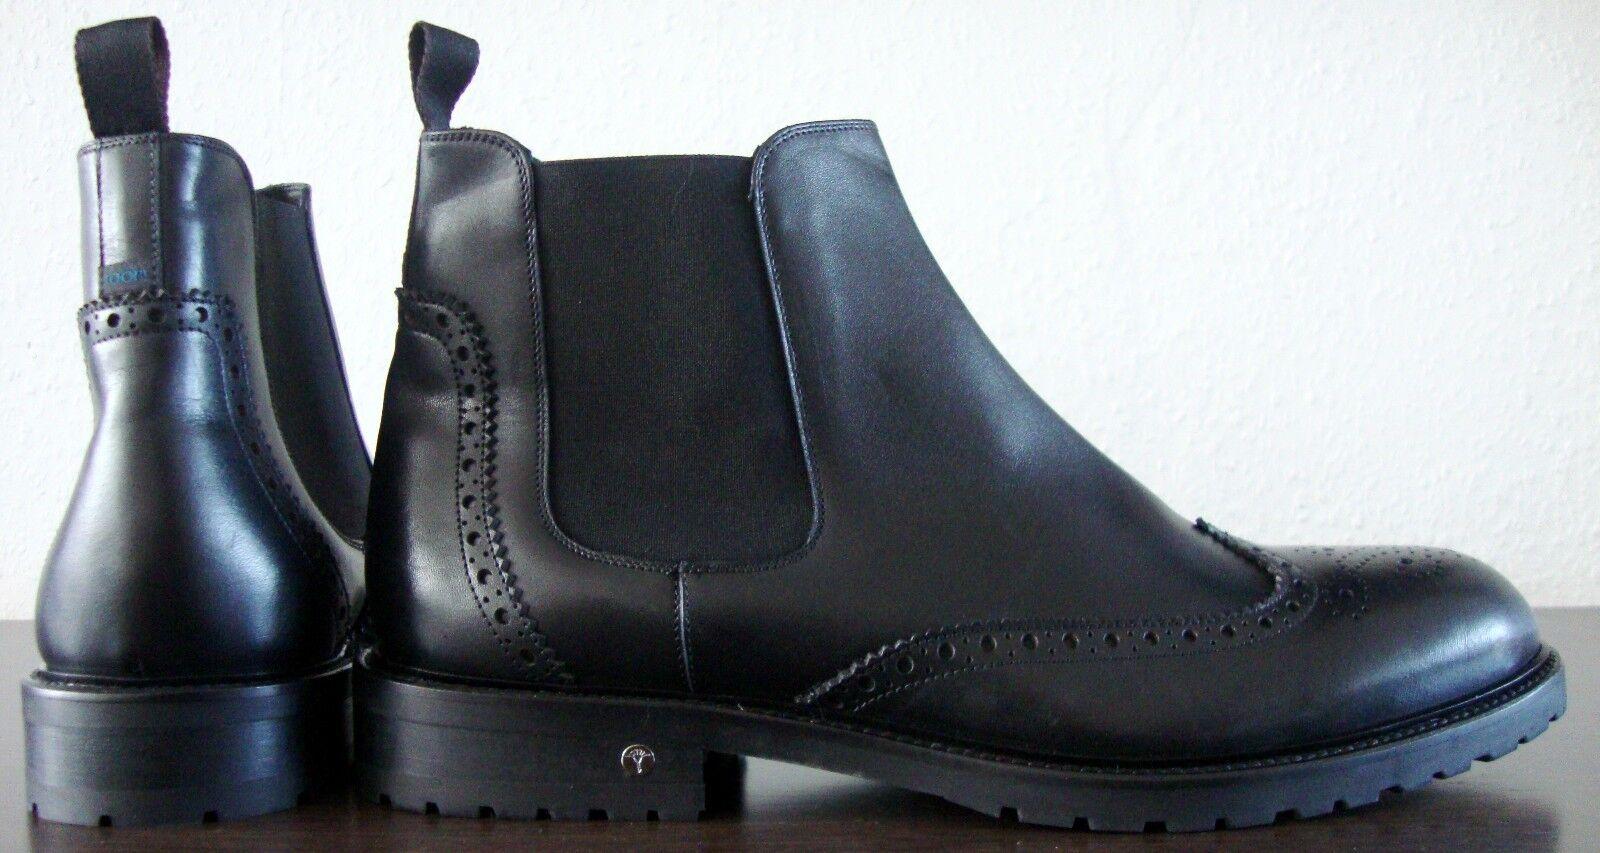 JOOP! GIORGIO Herren Chealse Boots Stiefelette Schuhe Echtleder Schwarz Gr45 NEU